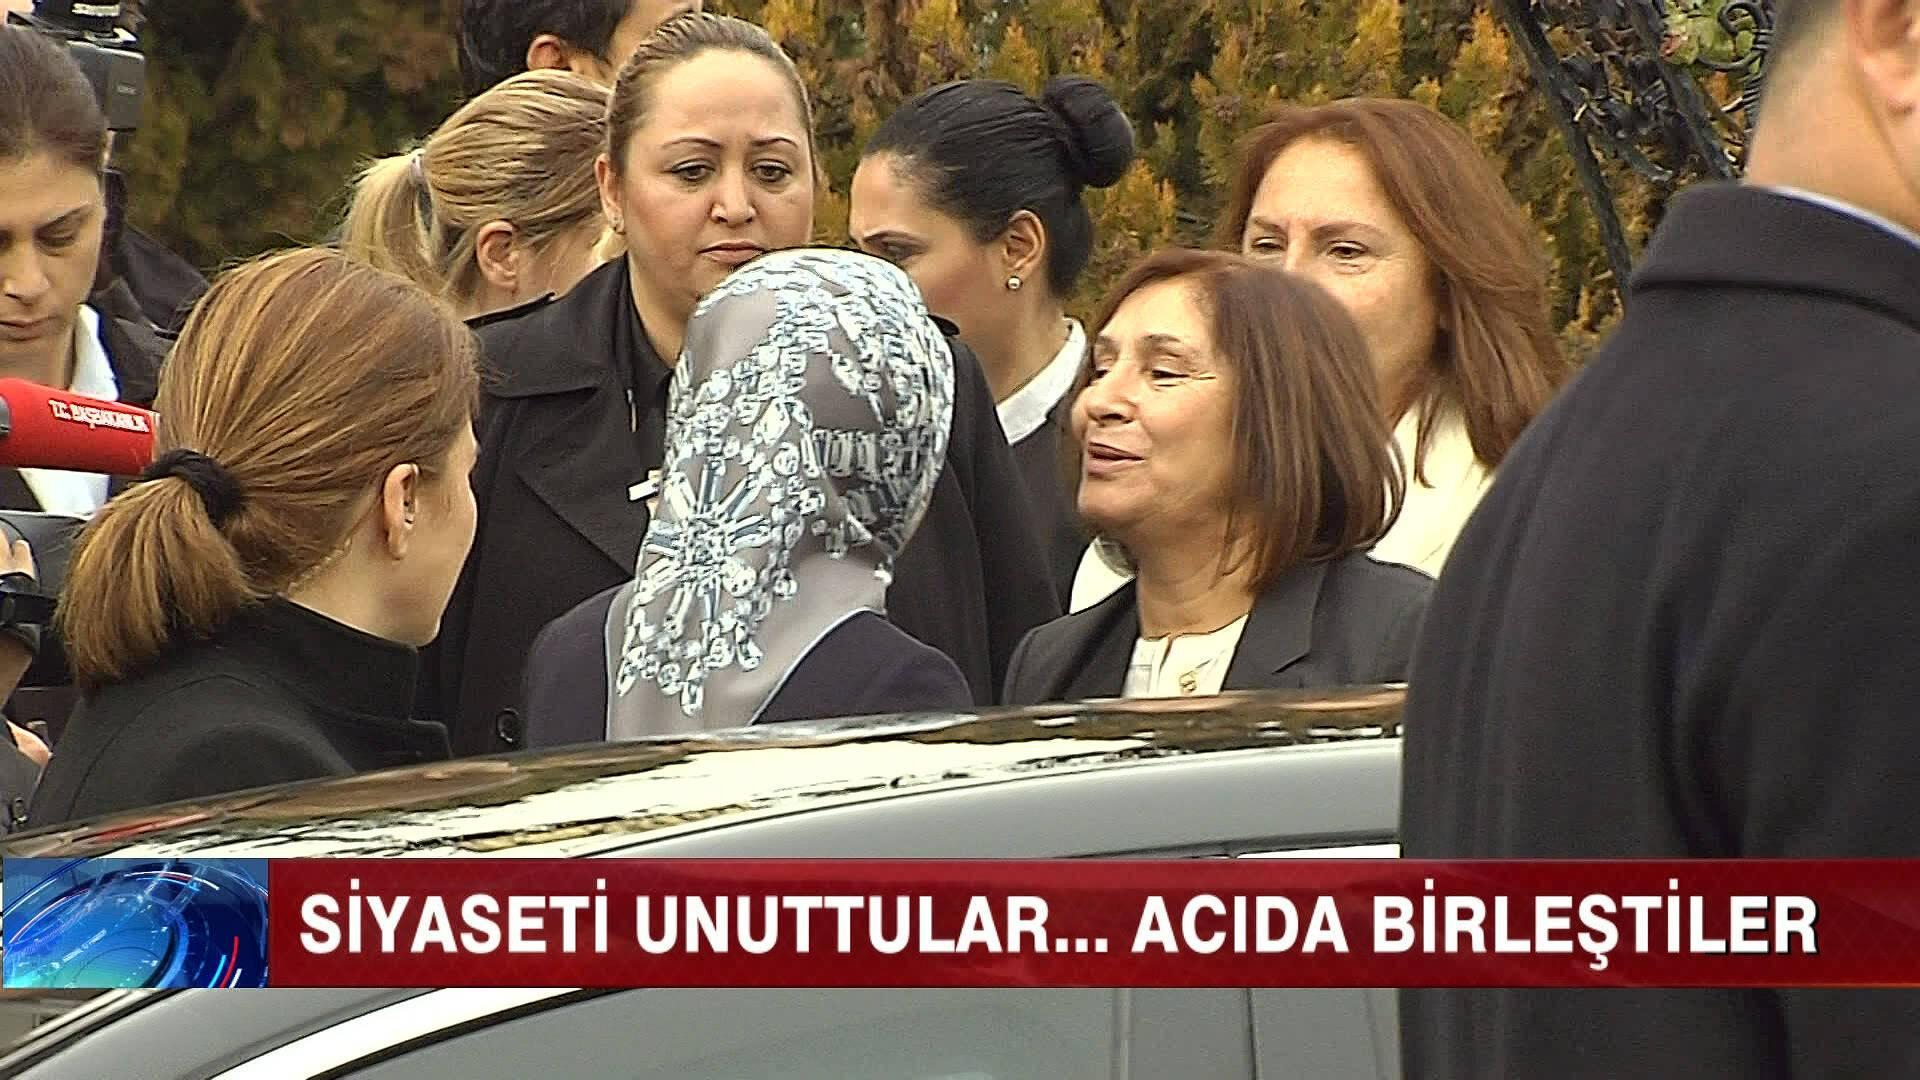 Cüneyt Özdemir'den lider eşlerinin centilmen buluşmasına manidar yorum.Anlayana!